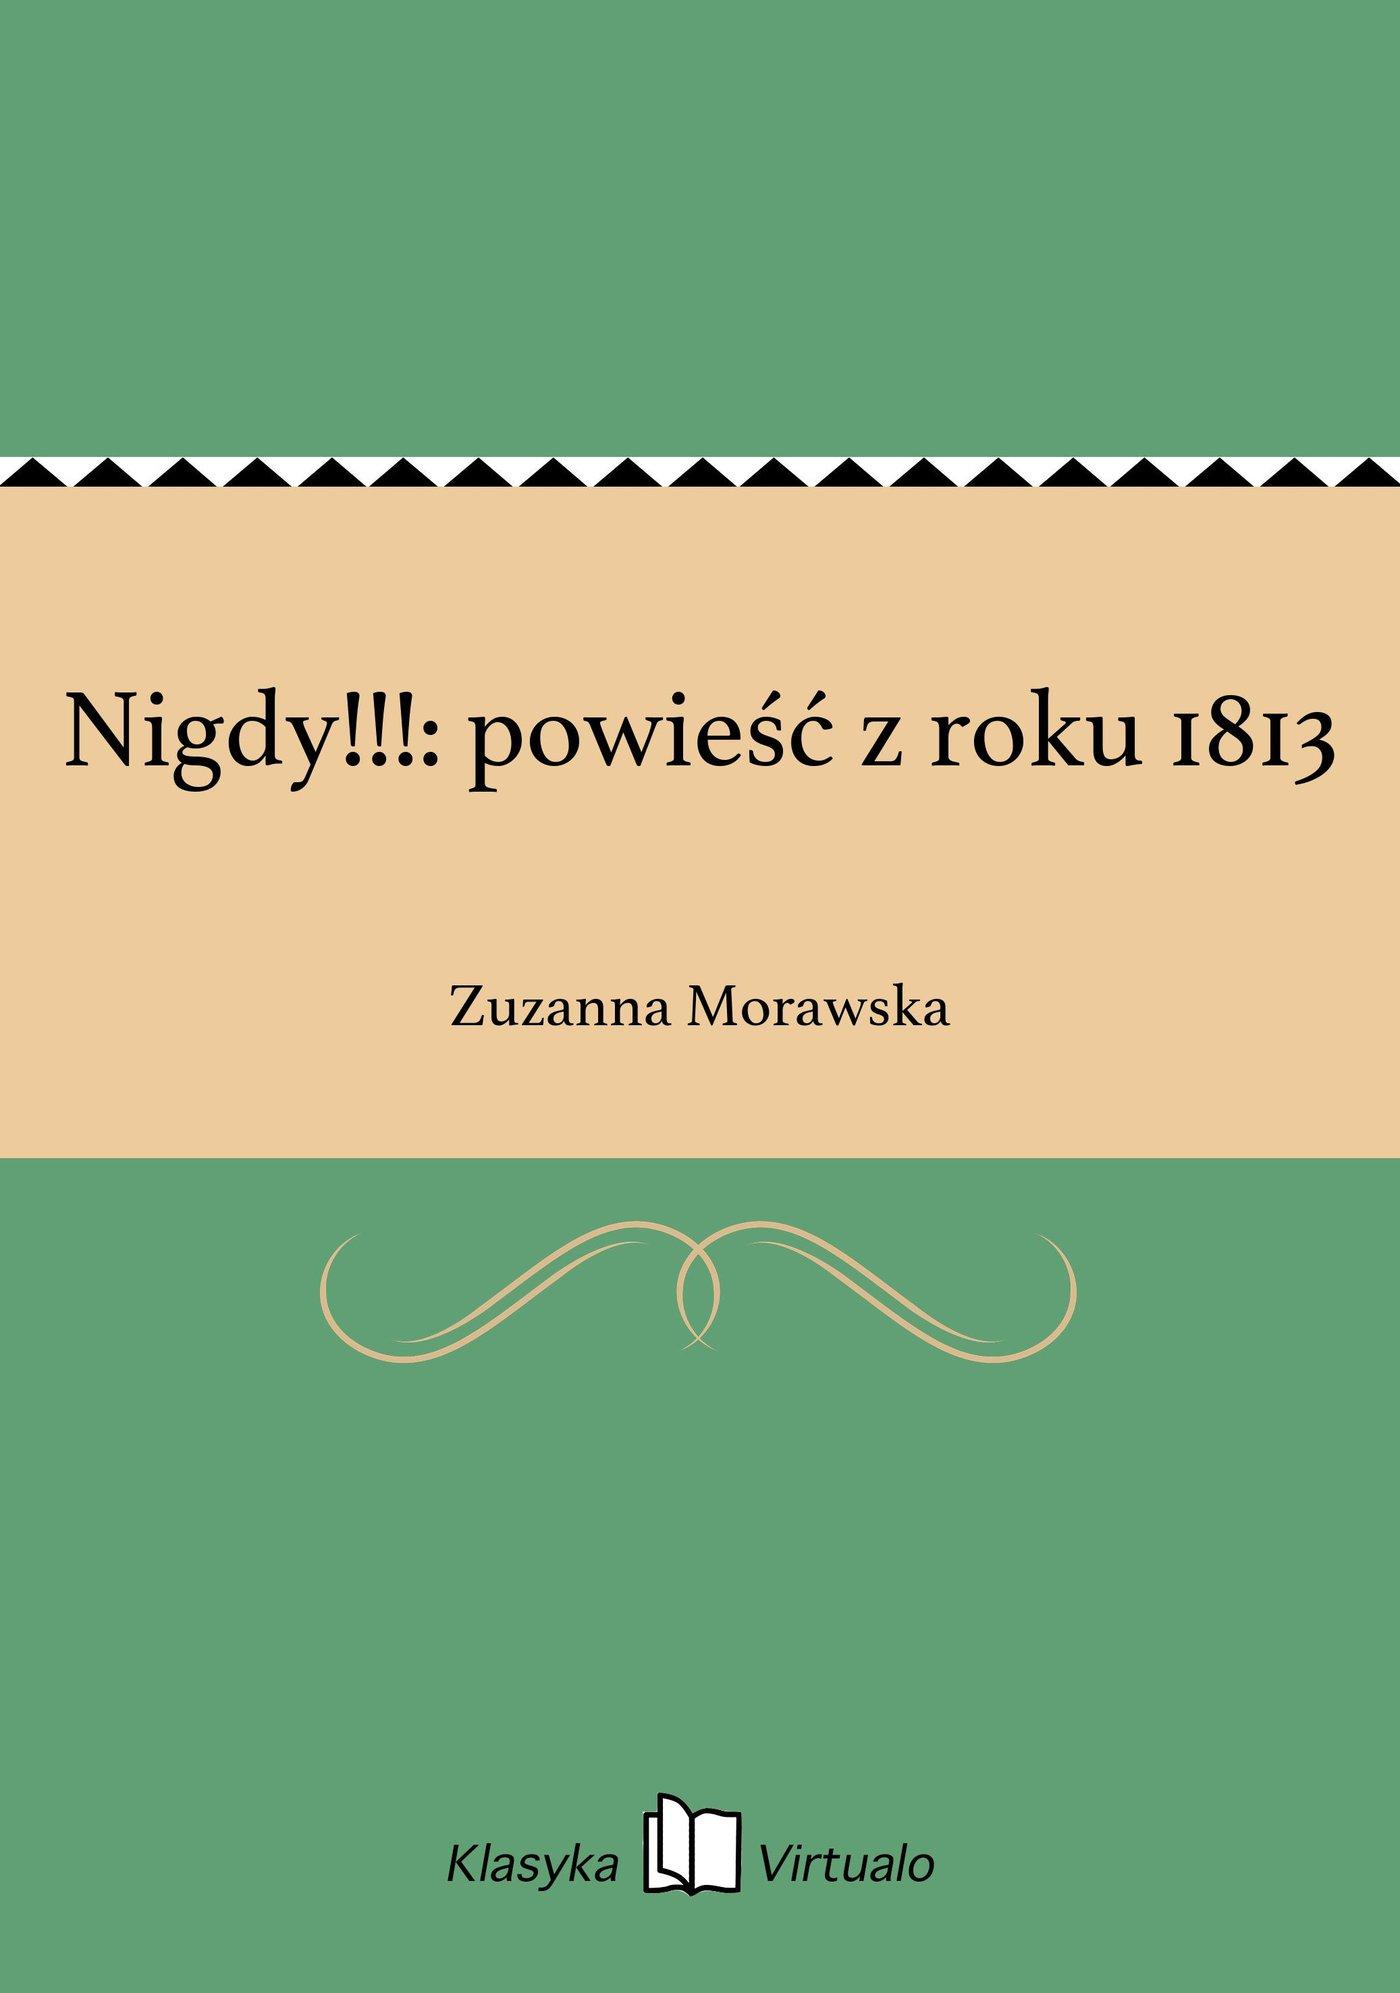 Nigdy!!!: powieść z roku 1813 - Ebook (Książka EPUB) do pobrania w formacie EPUB